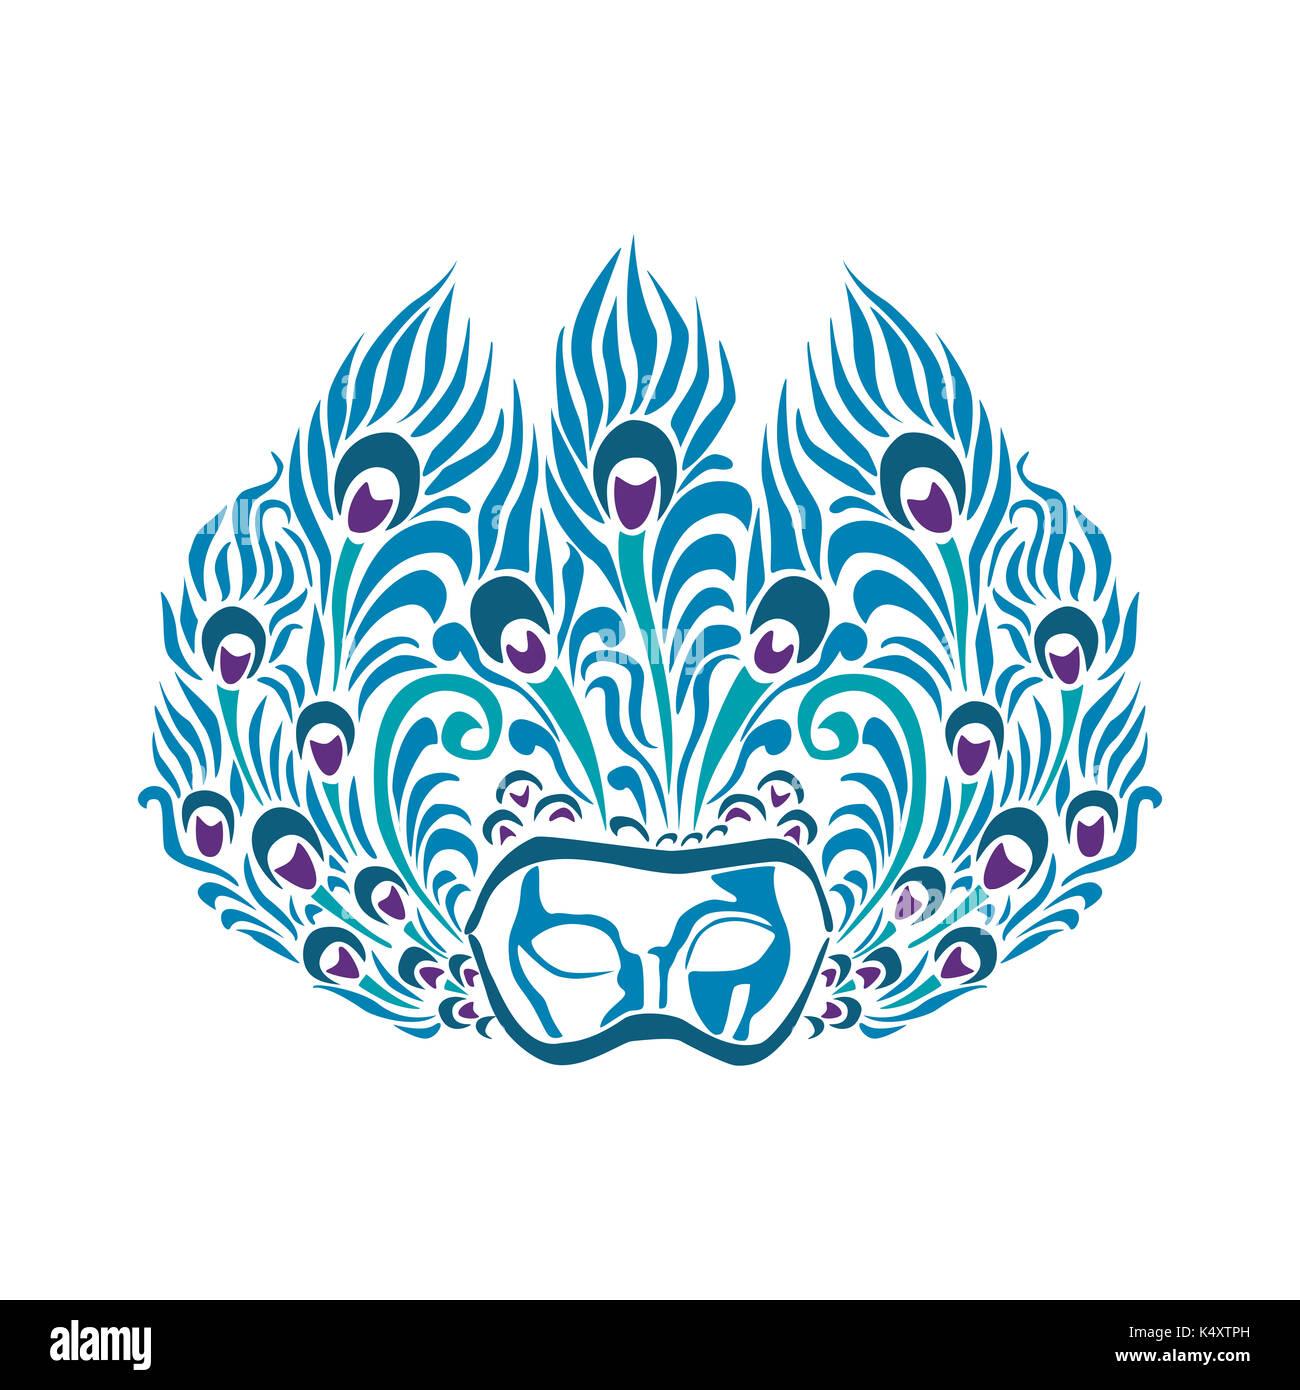 Tshirt Collezione Design Illustrazione vettori Immagini Stock